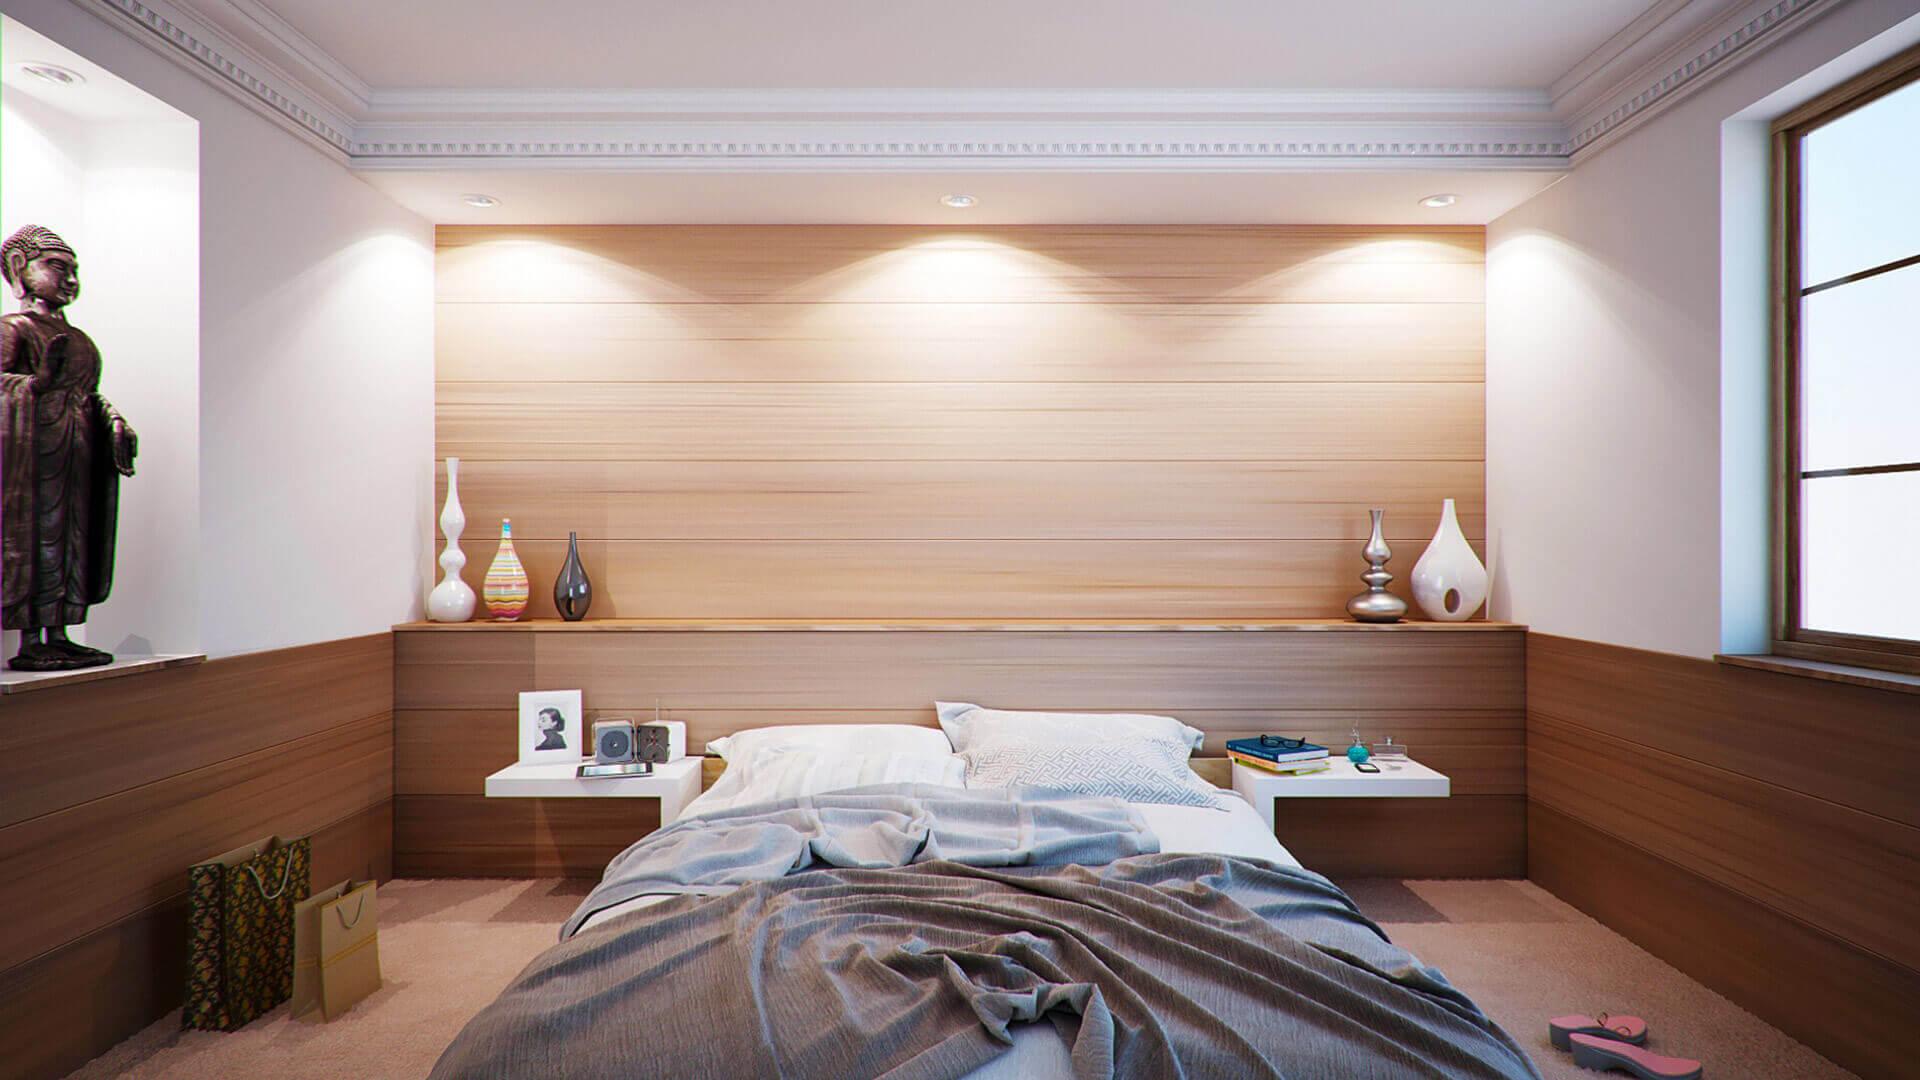 Schlaflos – jetzt mit Massage der Füße tiefen Schlaf finden